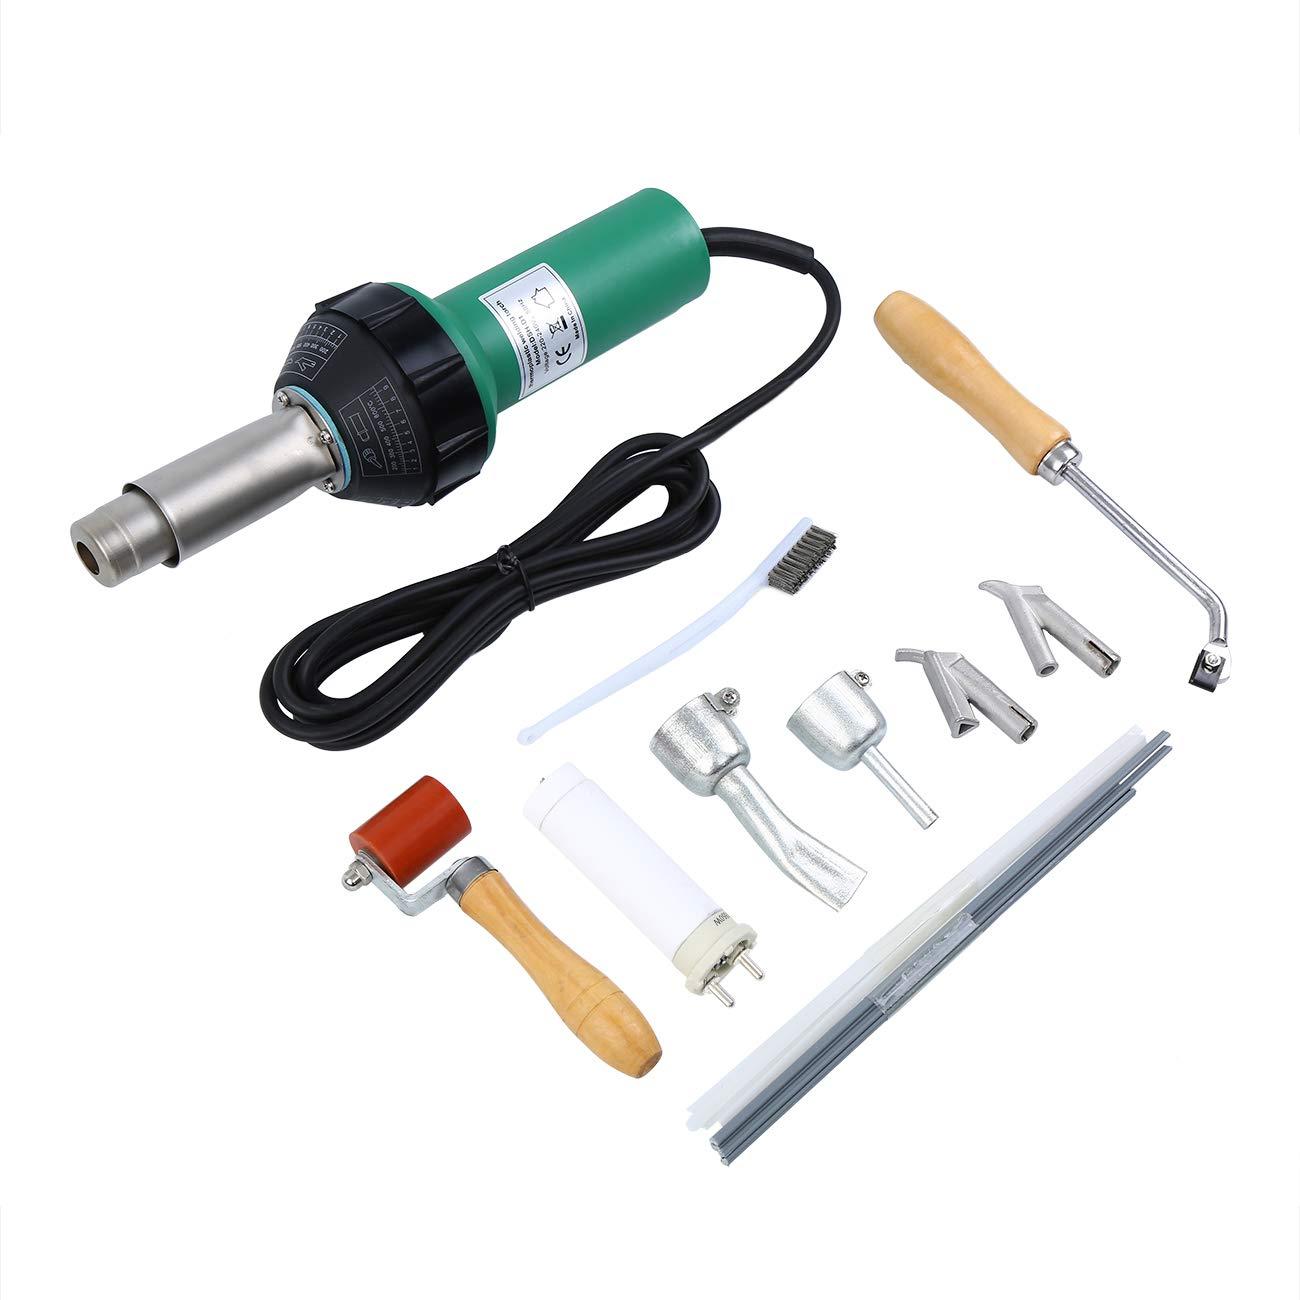 Ridgeyard 1600W Thermique Pistolet /à air Chaud Soudure Souder Soudage Electrique Plastique